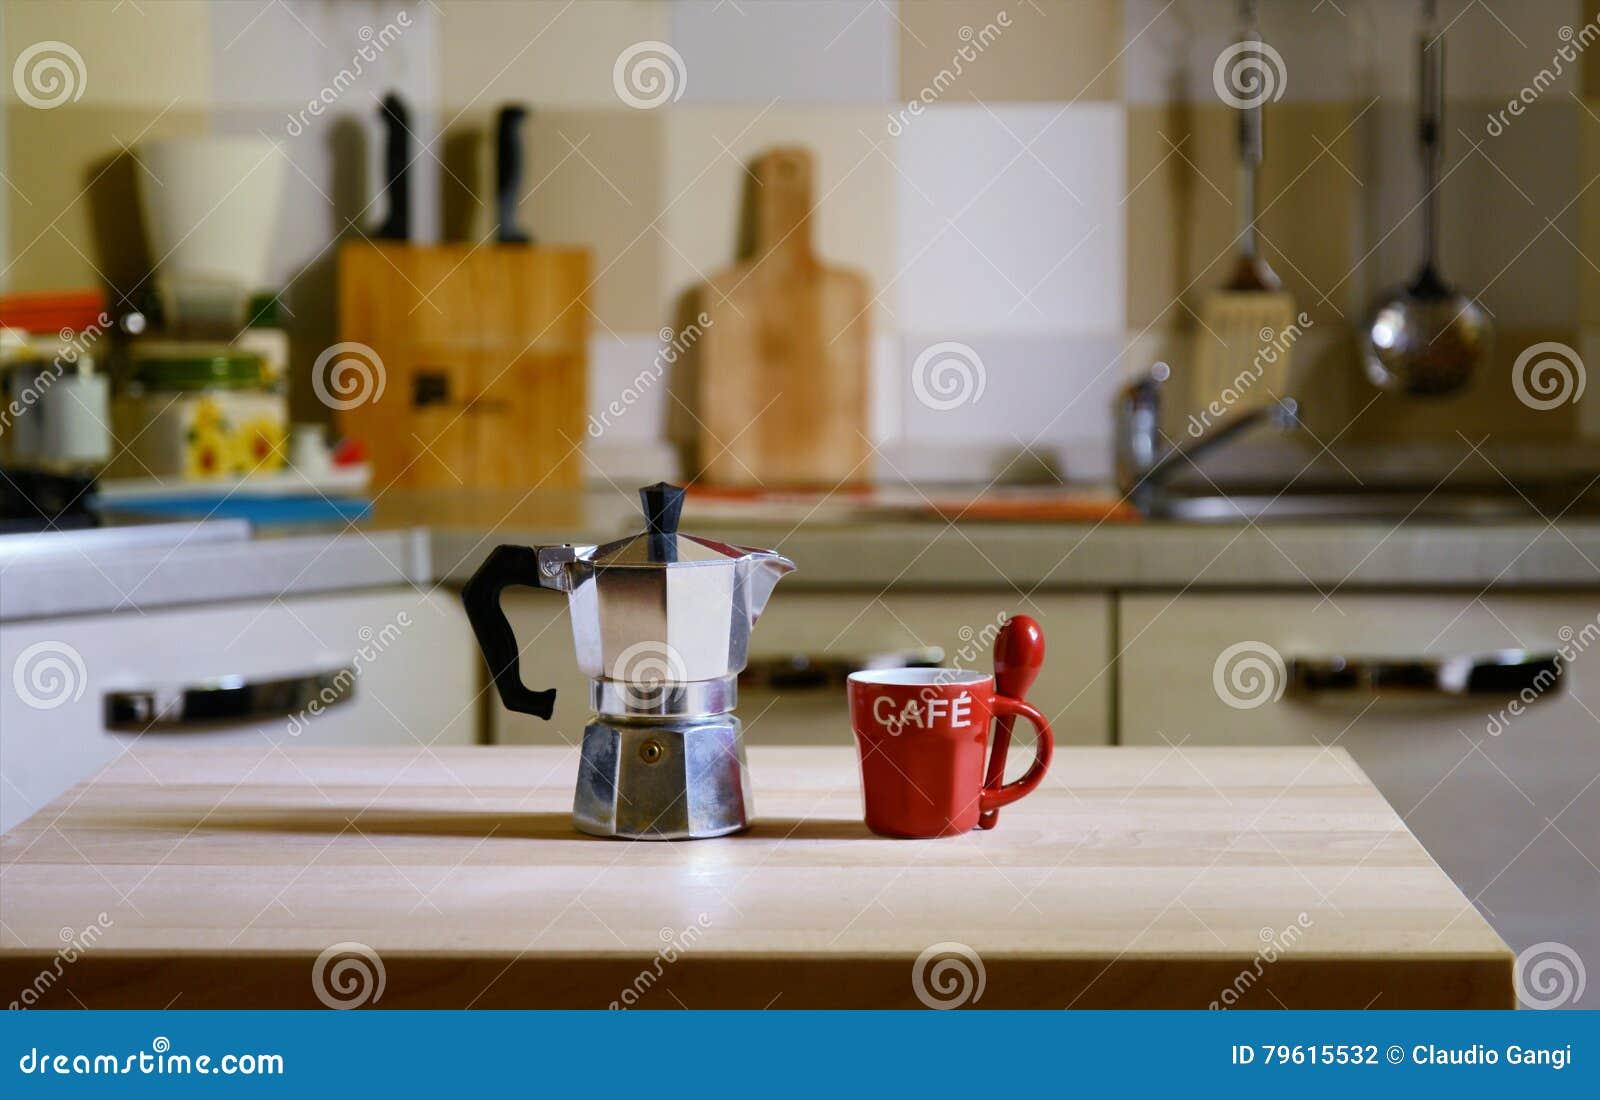 Potenciômetro do café na tabela de madeira no fundo da cozinha